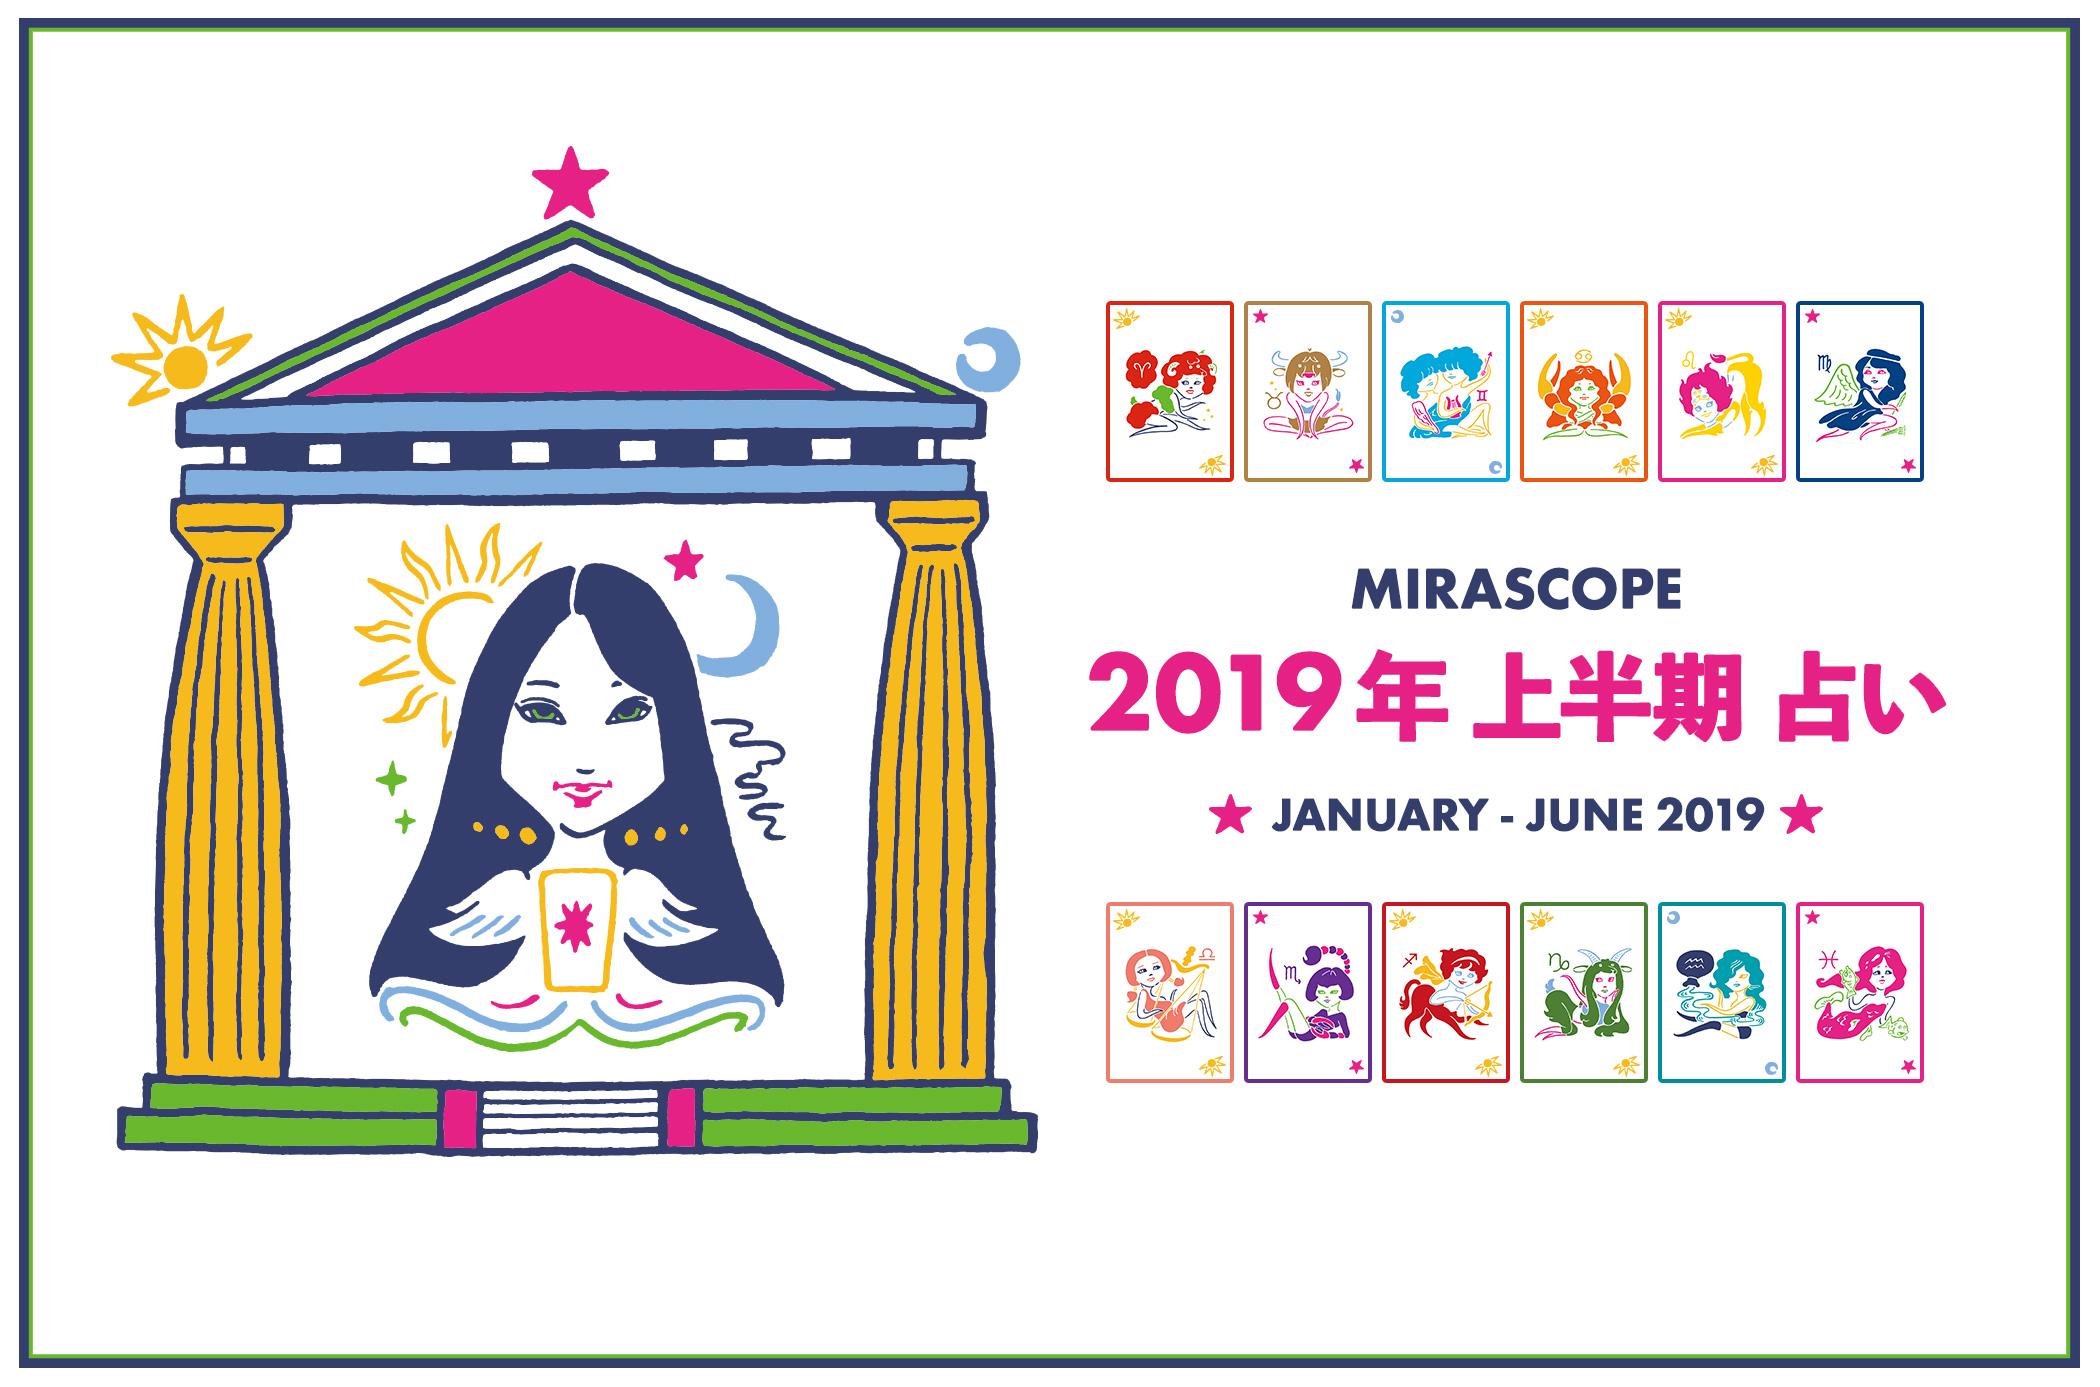 2019年上半期のあなたの運勢は?恋愛運から金運まで!幸せを呼ぶミラ先生の12星座占い。